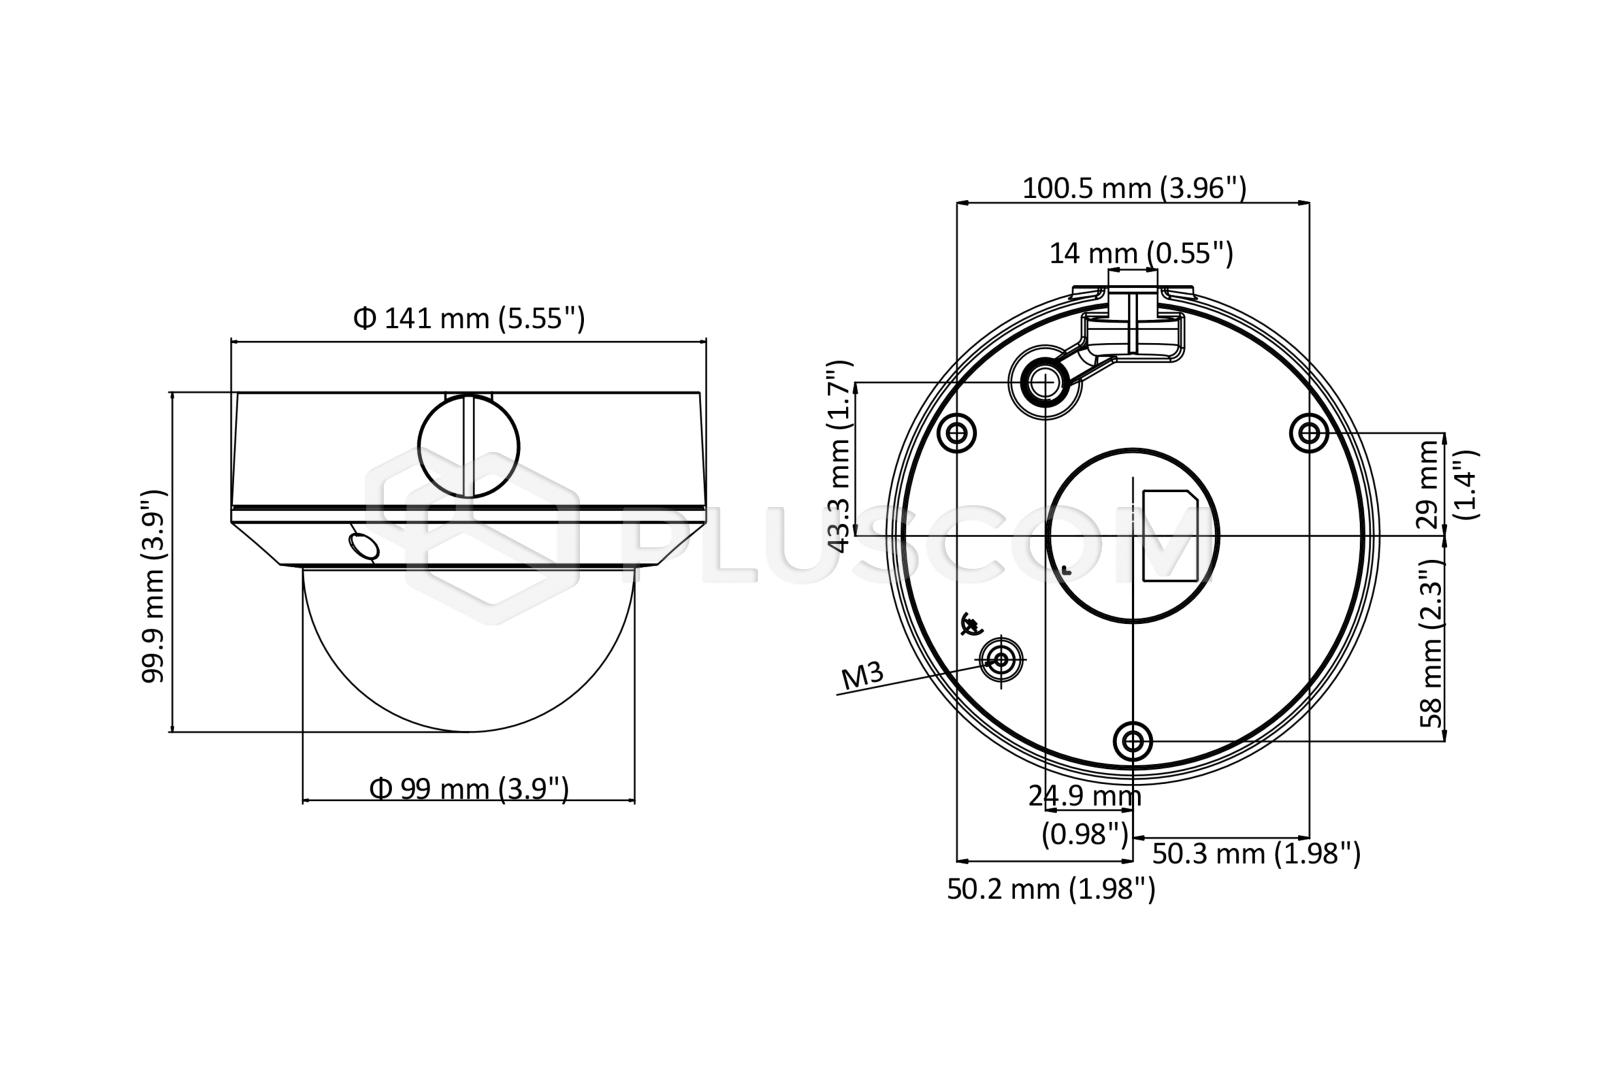 Resultado de imagen para DS-2CD1743G0- IZ (2.8-12mm) dimensiones